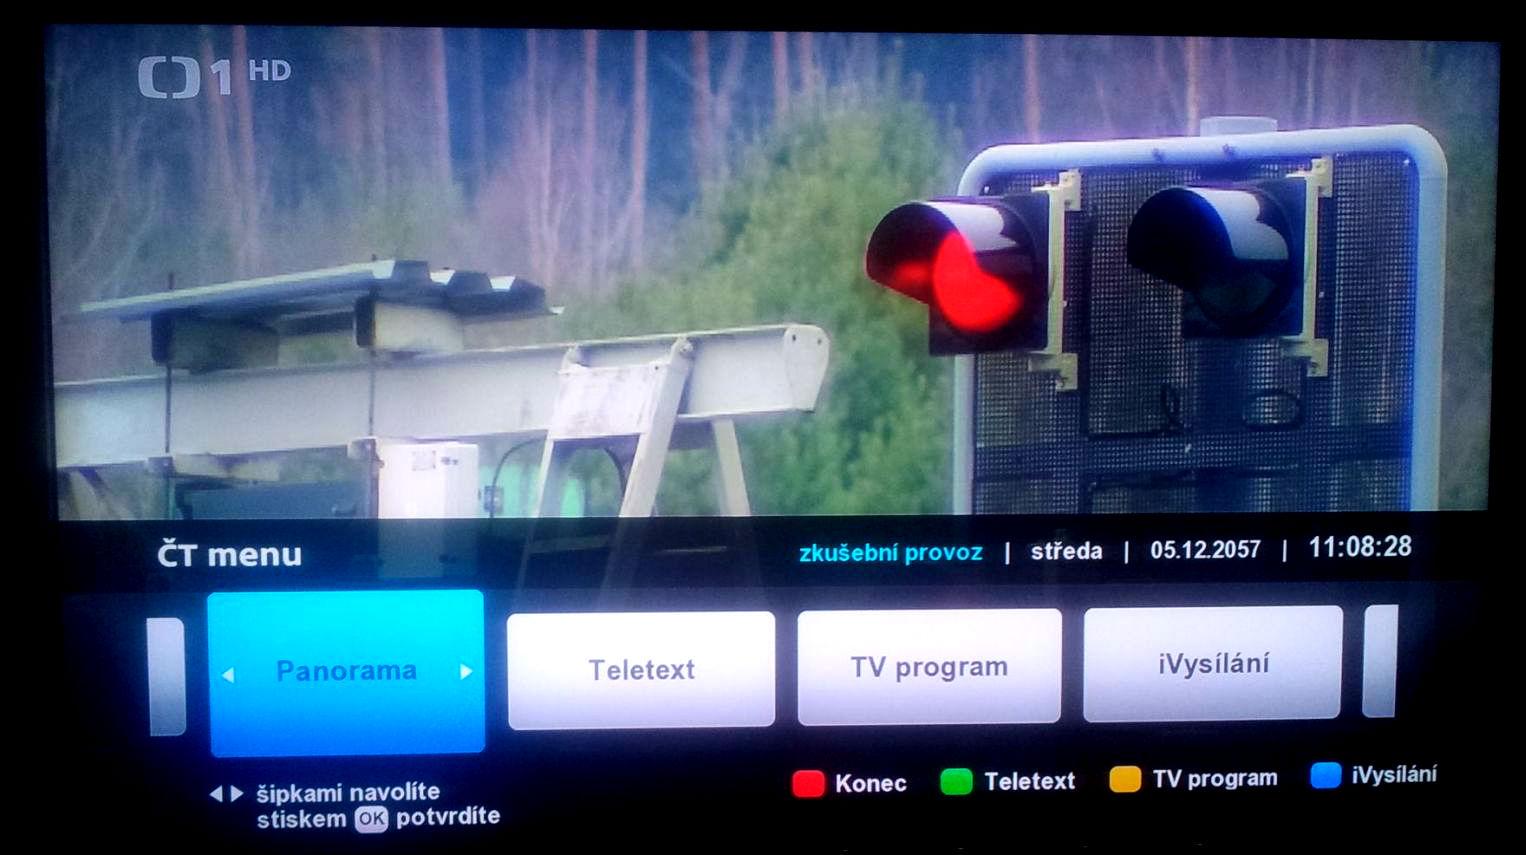 Aplikace Panorama v hybridním vysílání České televize